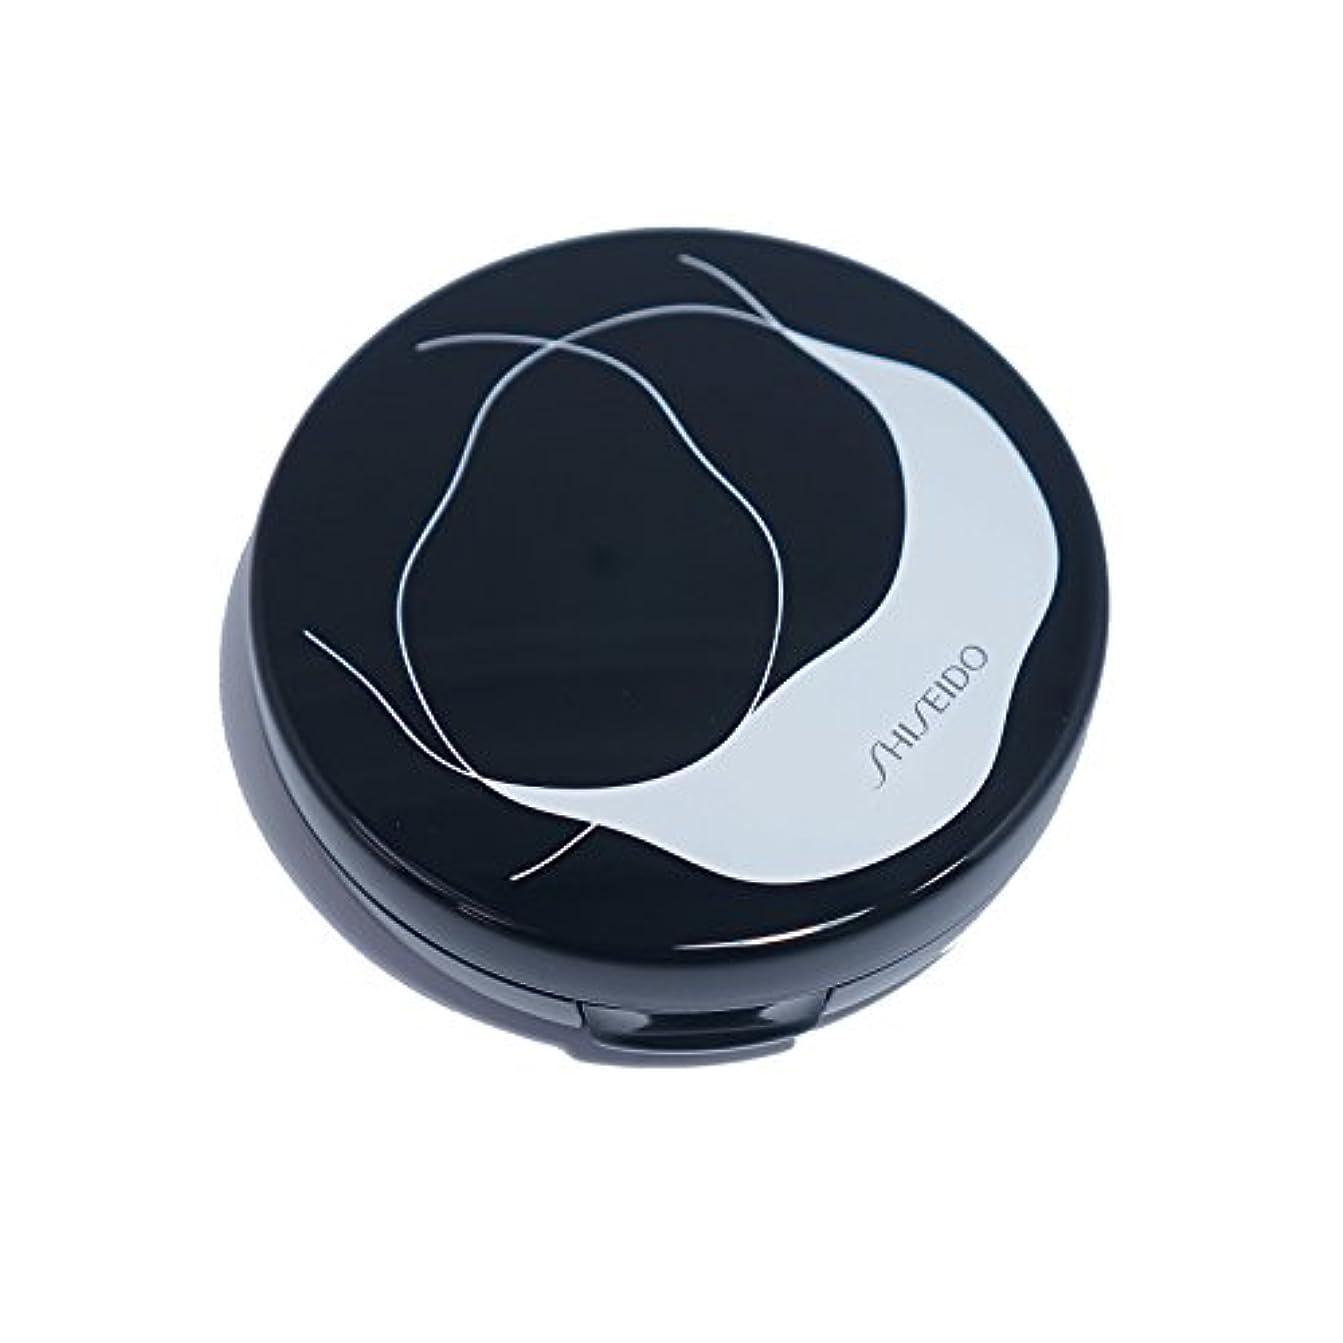 出演者発表酸化するSHISEIDO 資生堂 シンクロスキン グロー クッションコンパクト オークル10 レフィル&ケースのセット 国内正規品